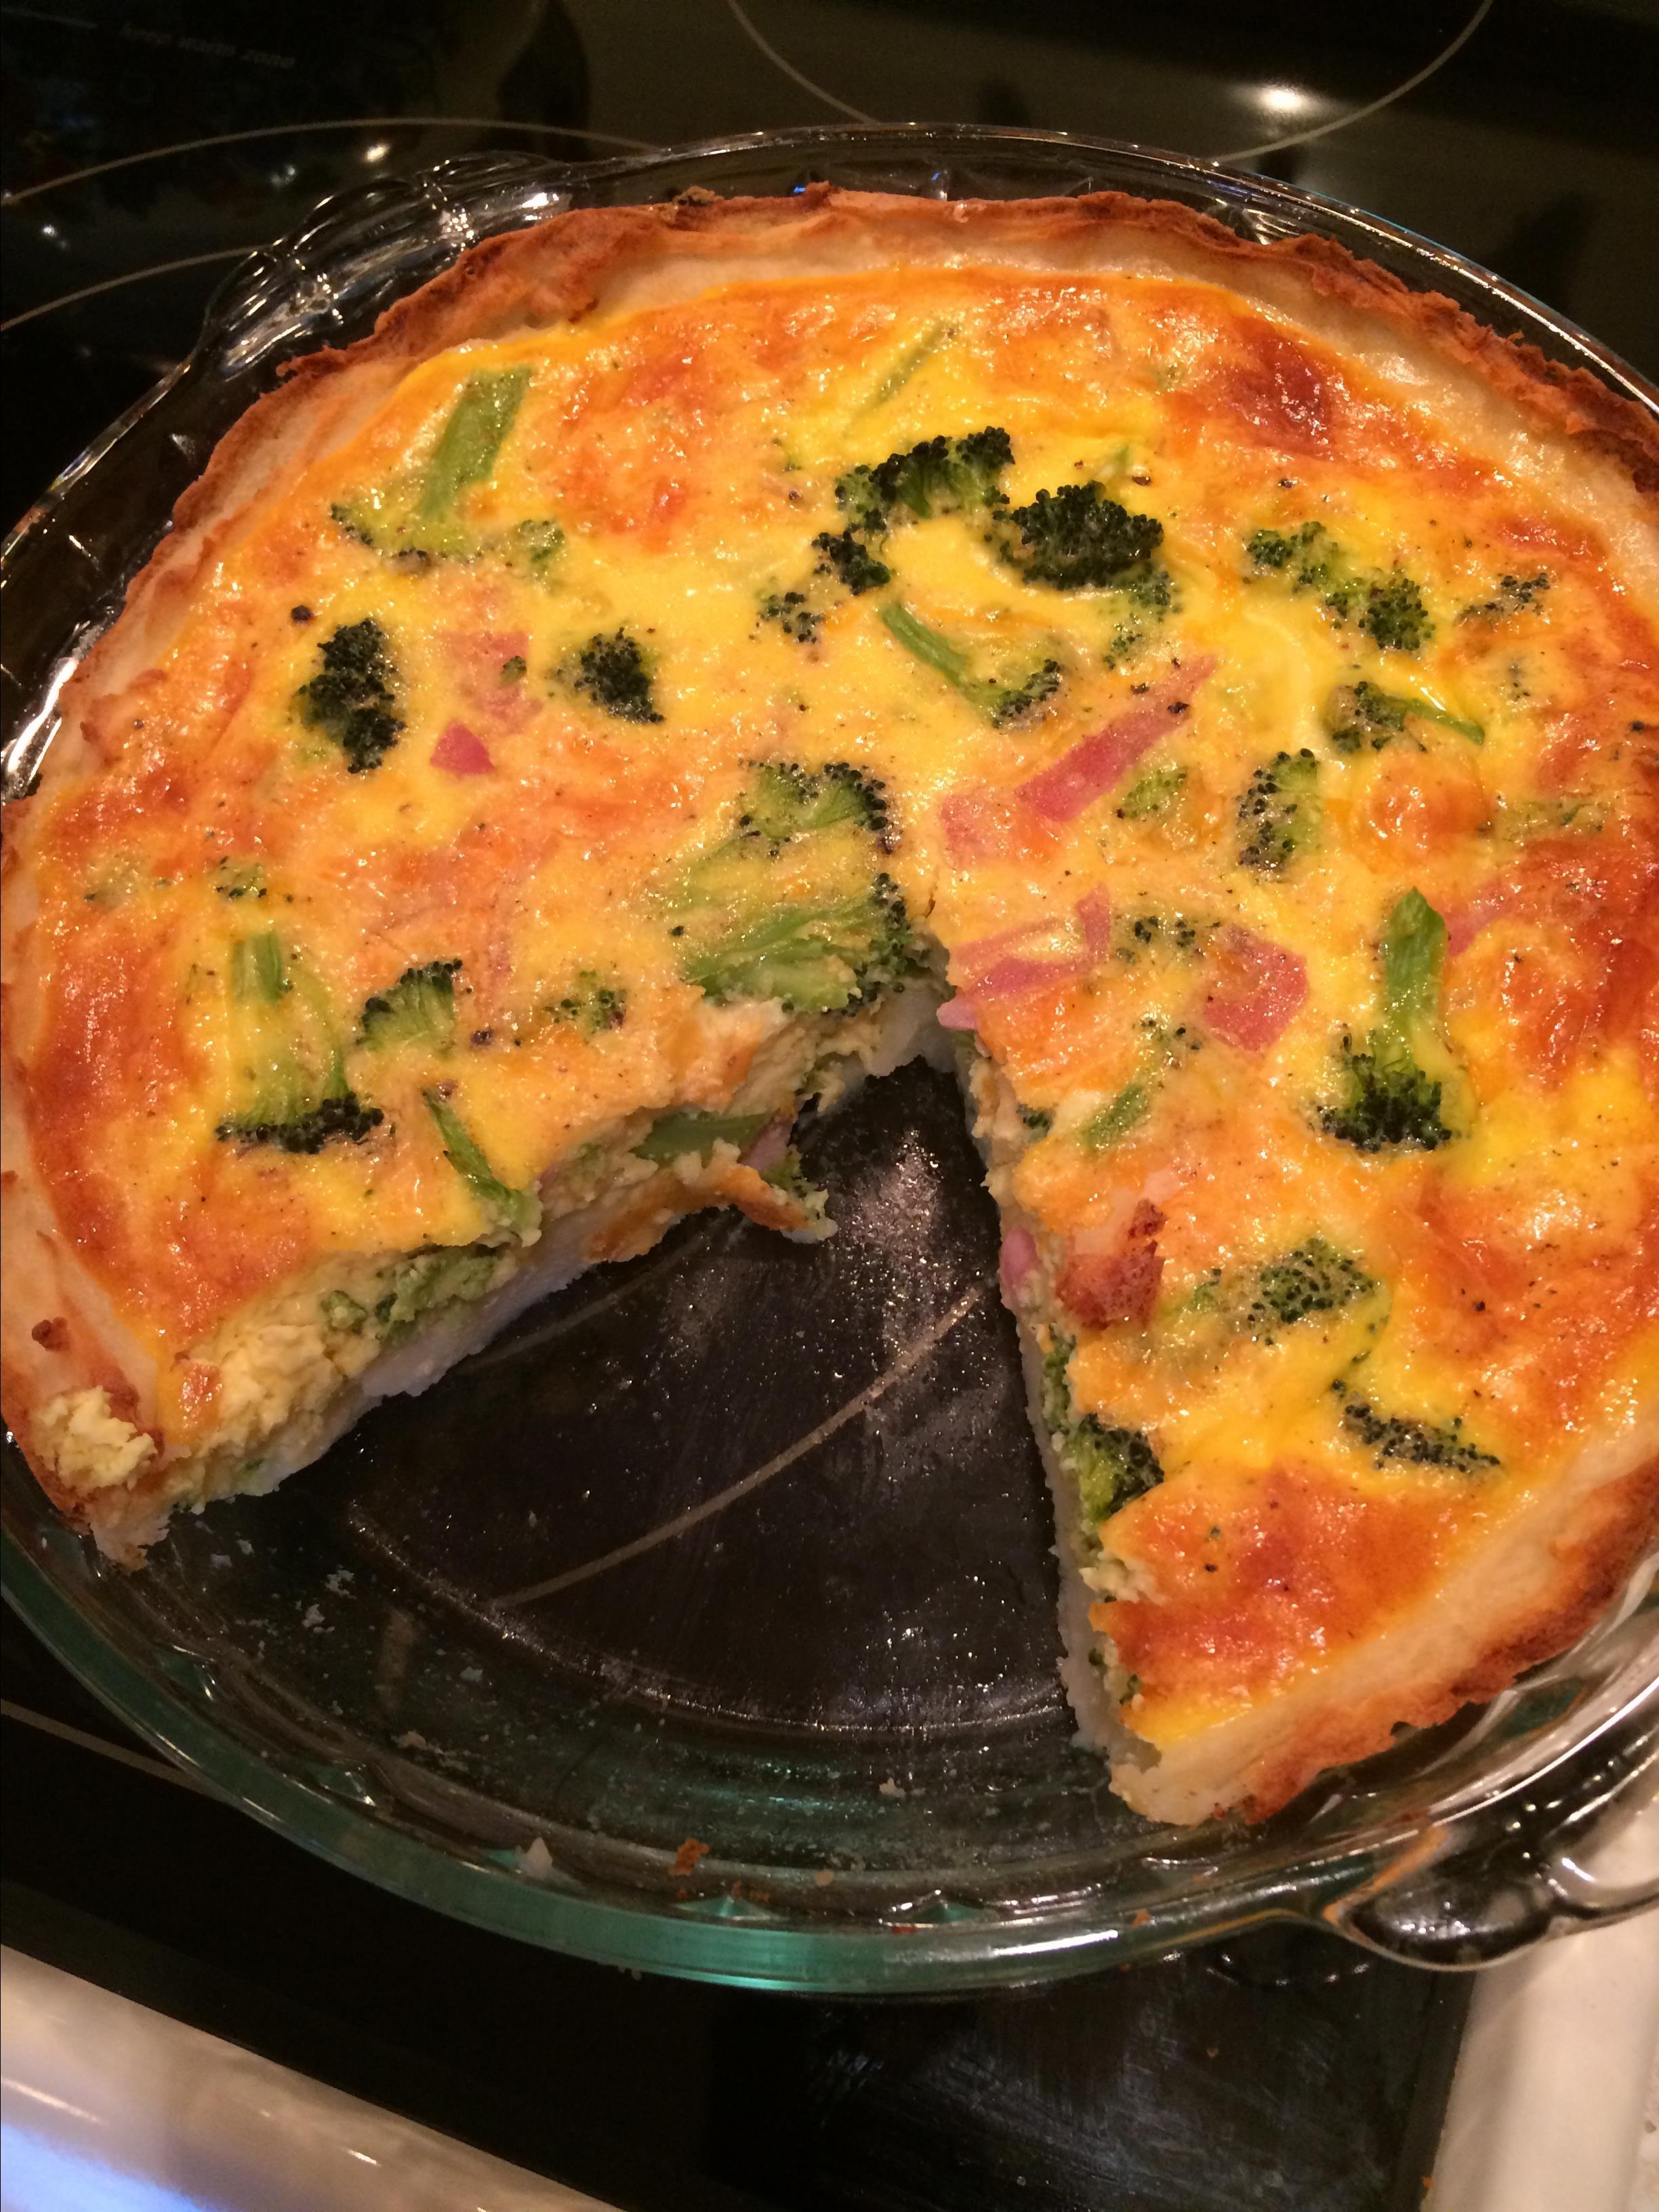 Broccoli Quiche with Mashed Potato Crust